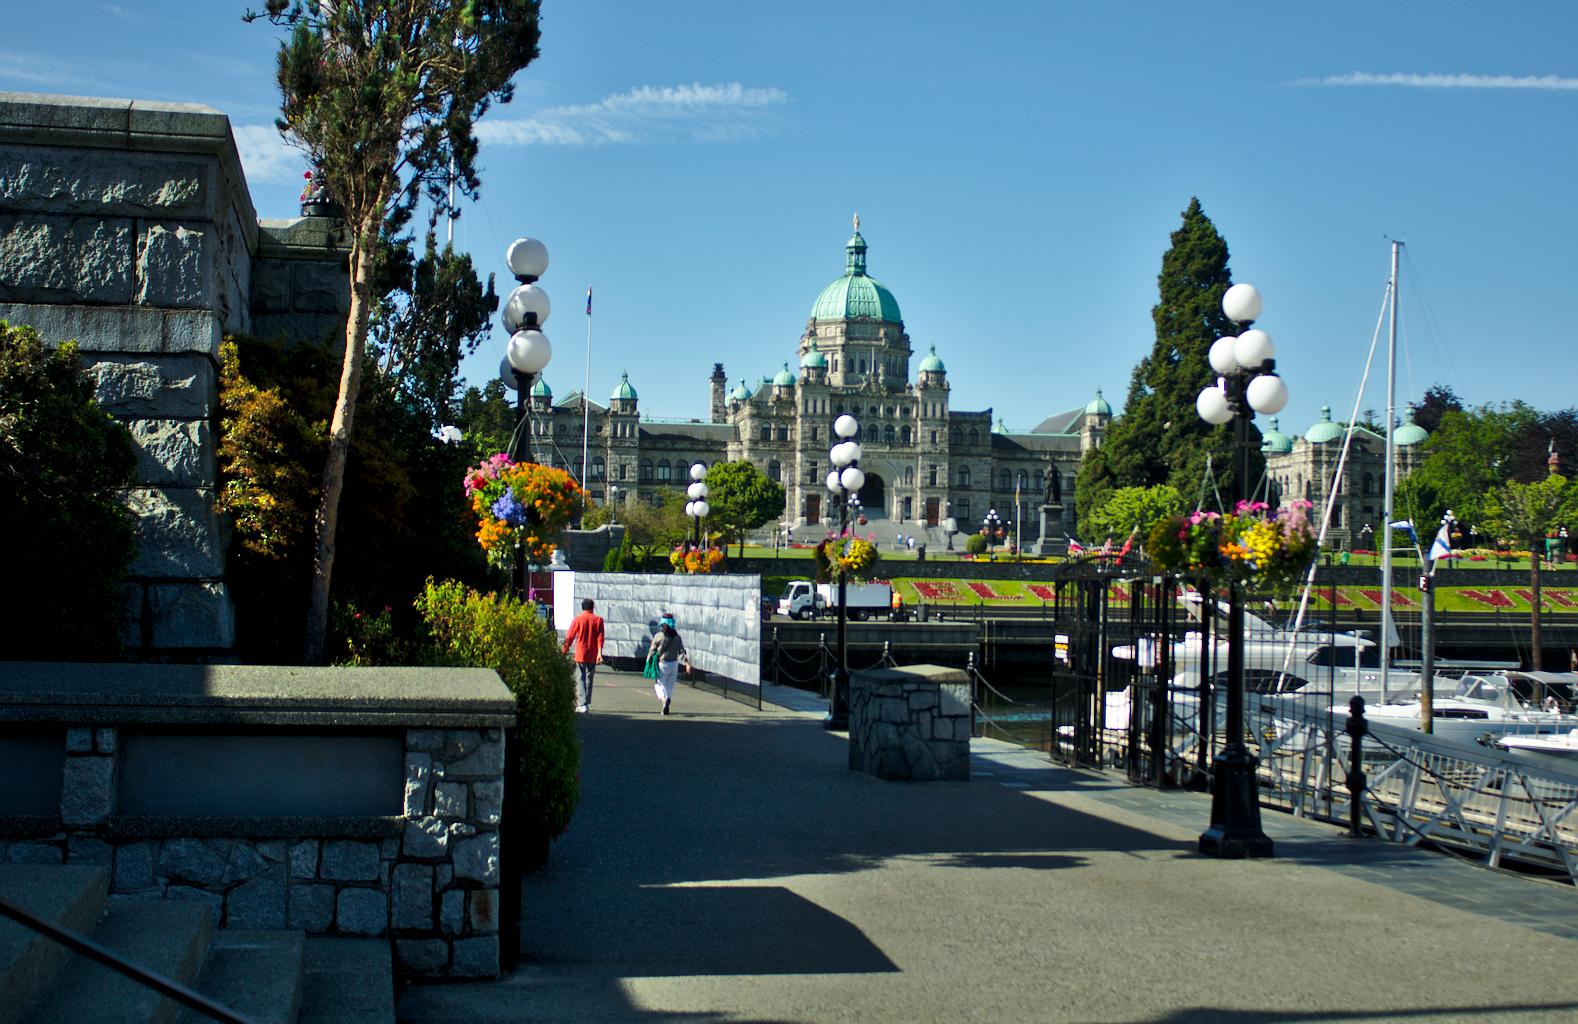 Pohled na budovu parlamentu z dálky